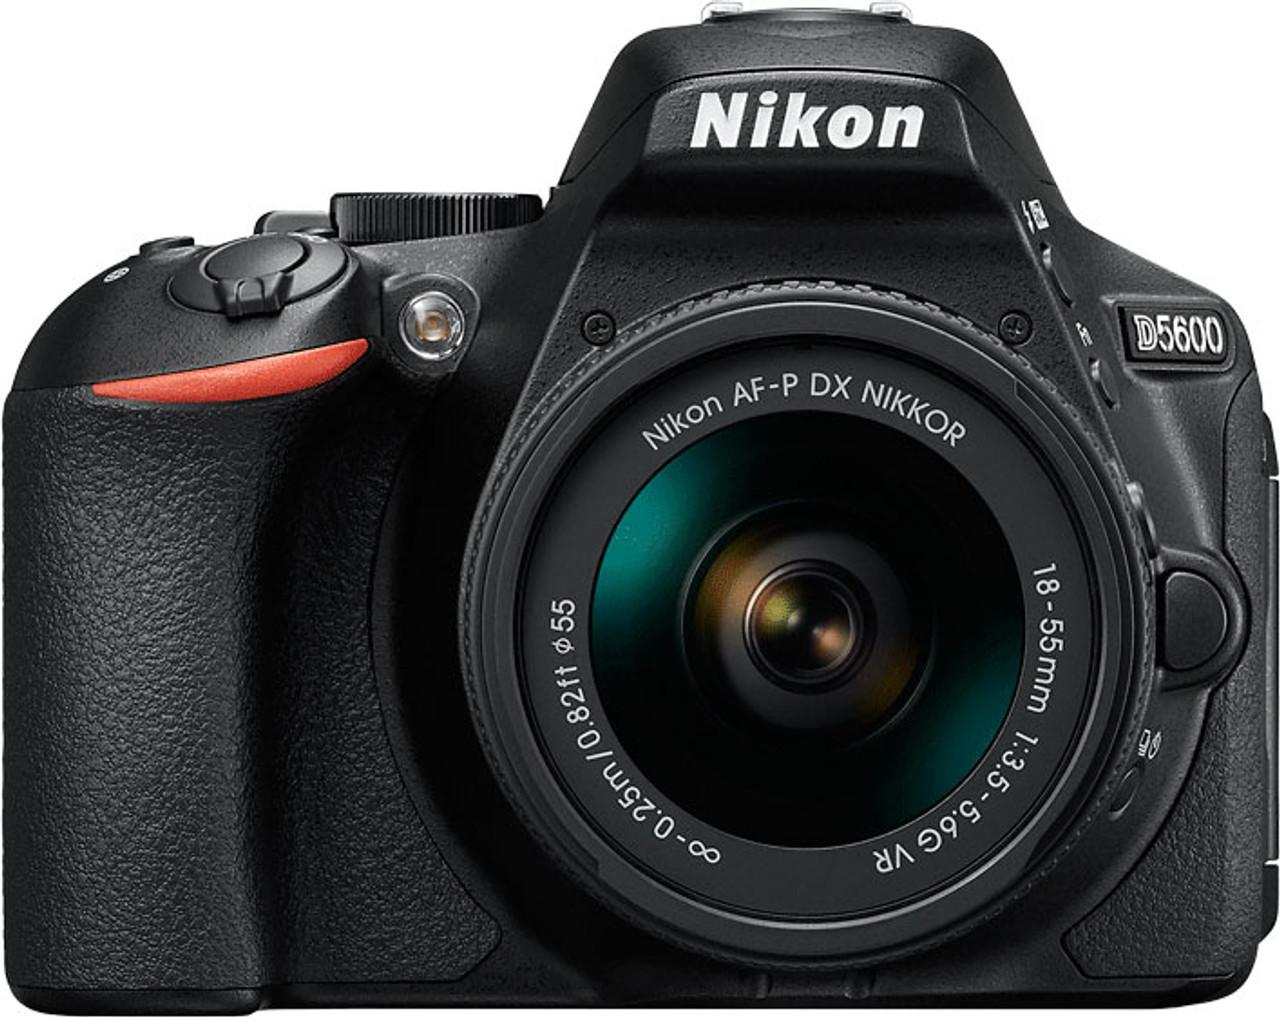 Nikon D5600 Digital SLR Camera with AF-P 18-55mm VR Lens